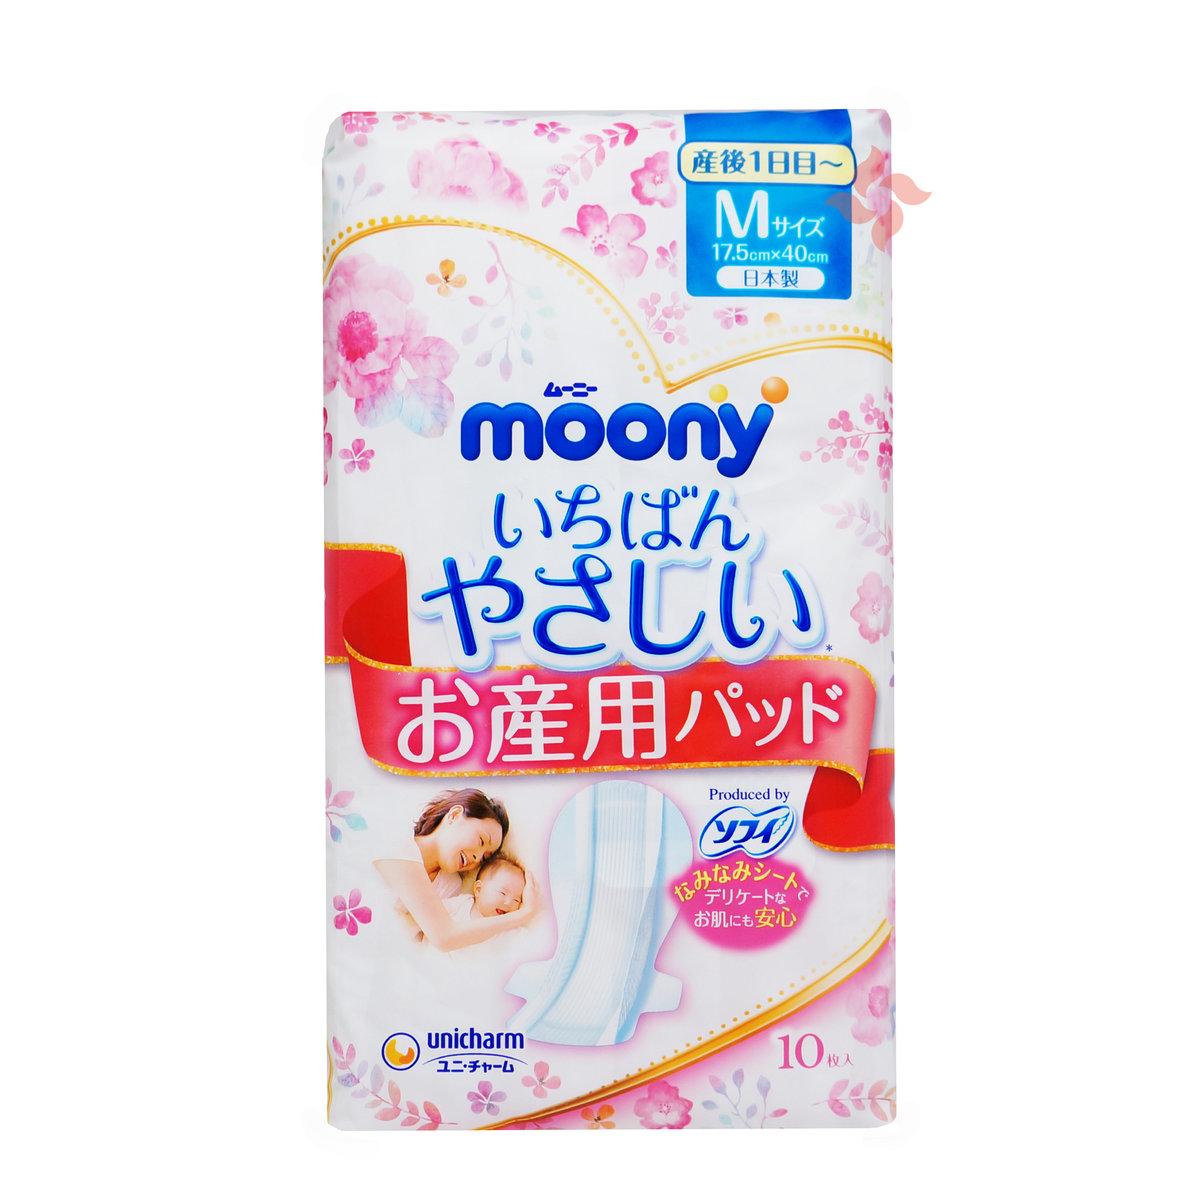 Unicharm Moony Pregnant woman care pad 17.5*40cm 10pcs - M (parallel import products)(4903111211173)